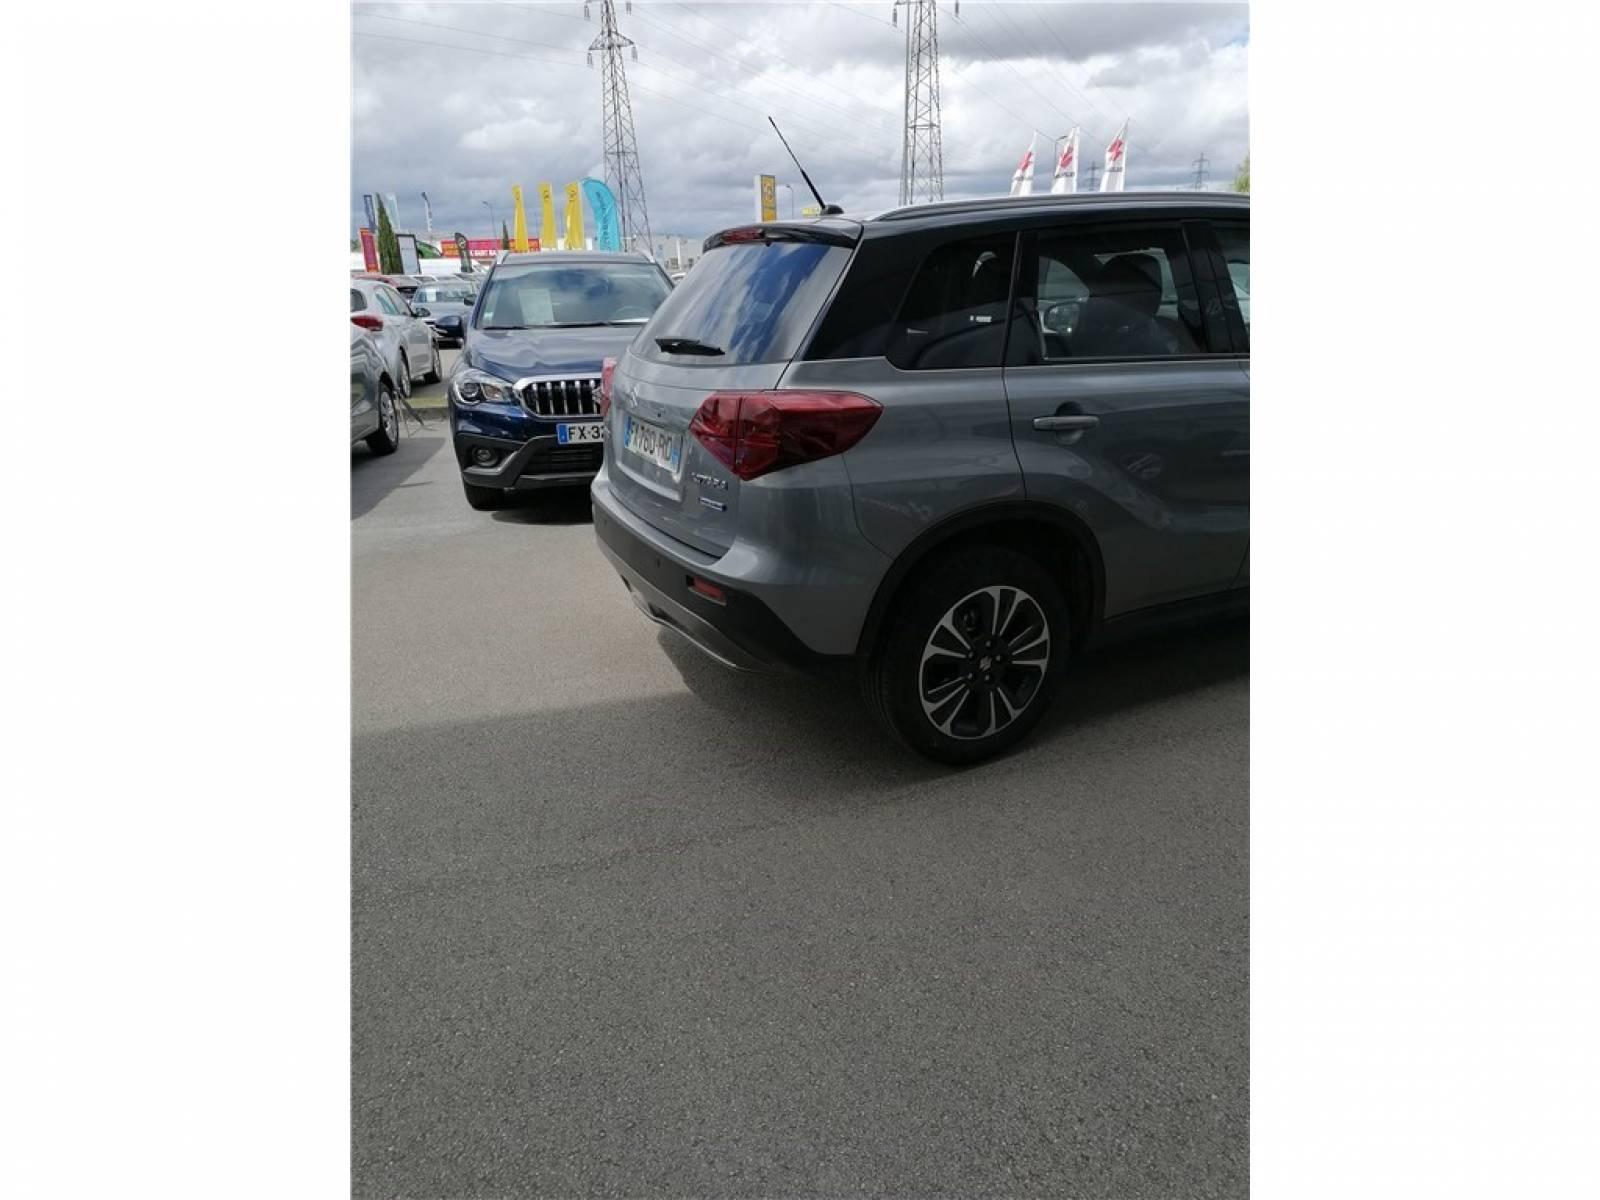 SUZUKI Vitara 1.4 Boosterjet Hybrid Auto - véhicule d'occasion - Groupe Guillet - Hall de l'automobile - Chalon sur Saône - 71380 - Saint-Marcel - 16